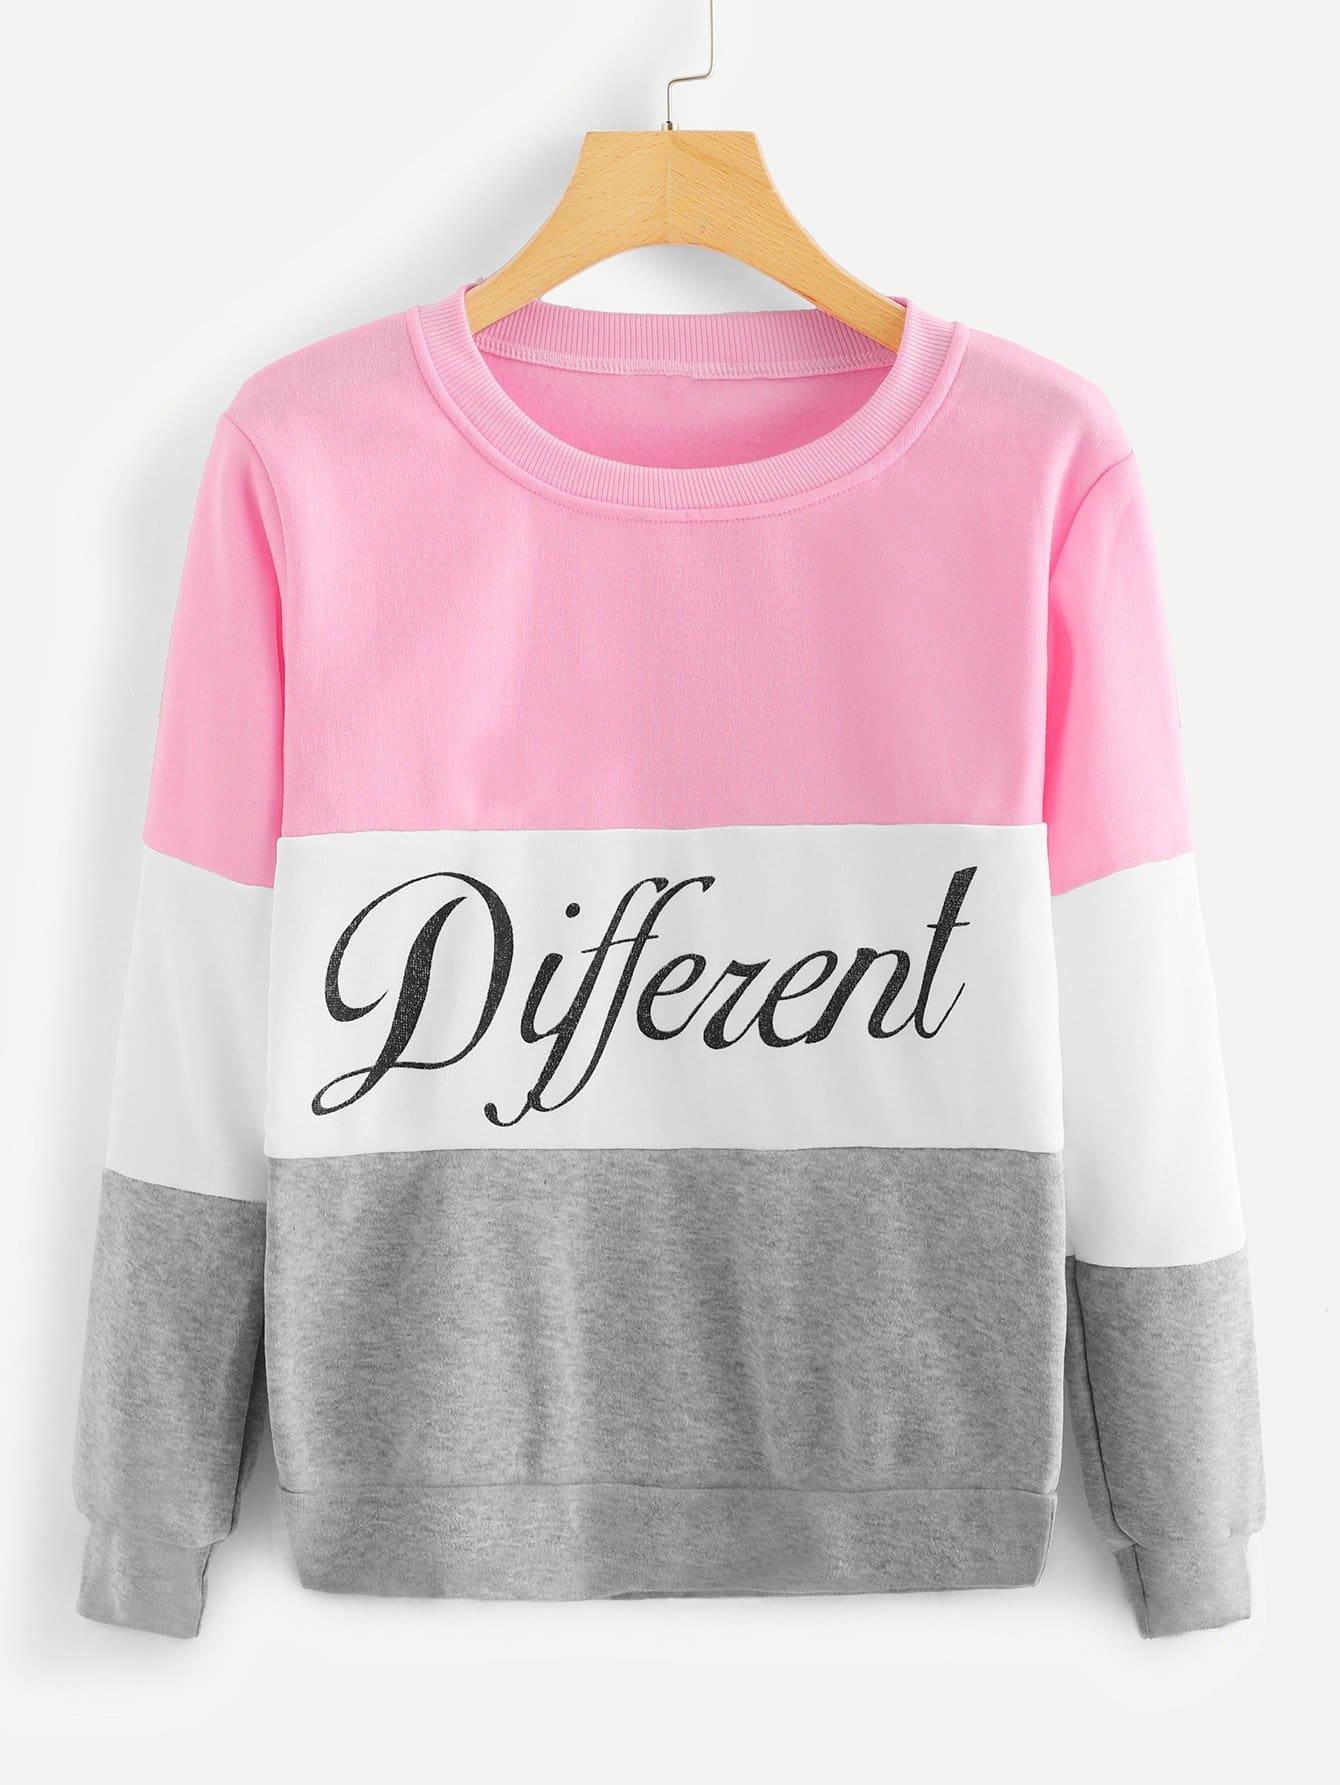 Купить Повседневный Текст Контрастный цвет Пуловеры Многоцветный Свитшоты, null, SheIn